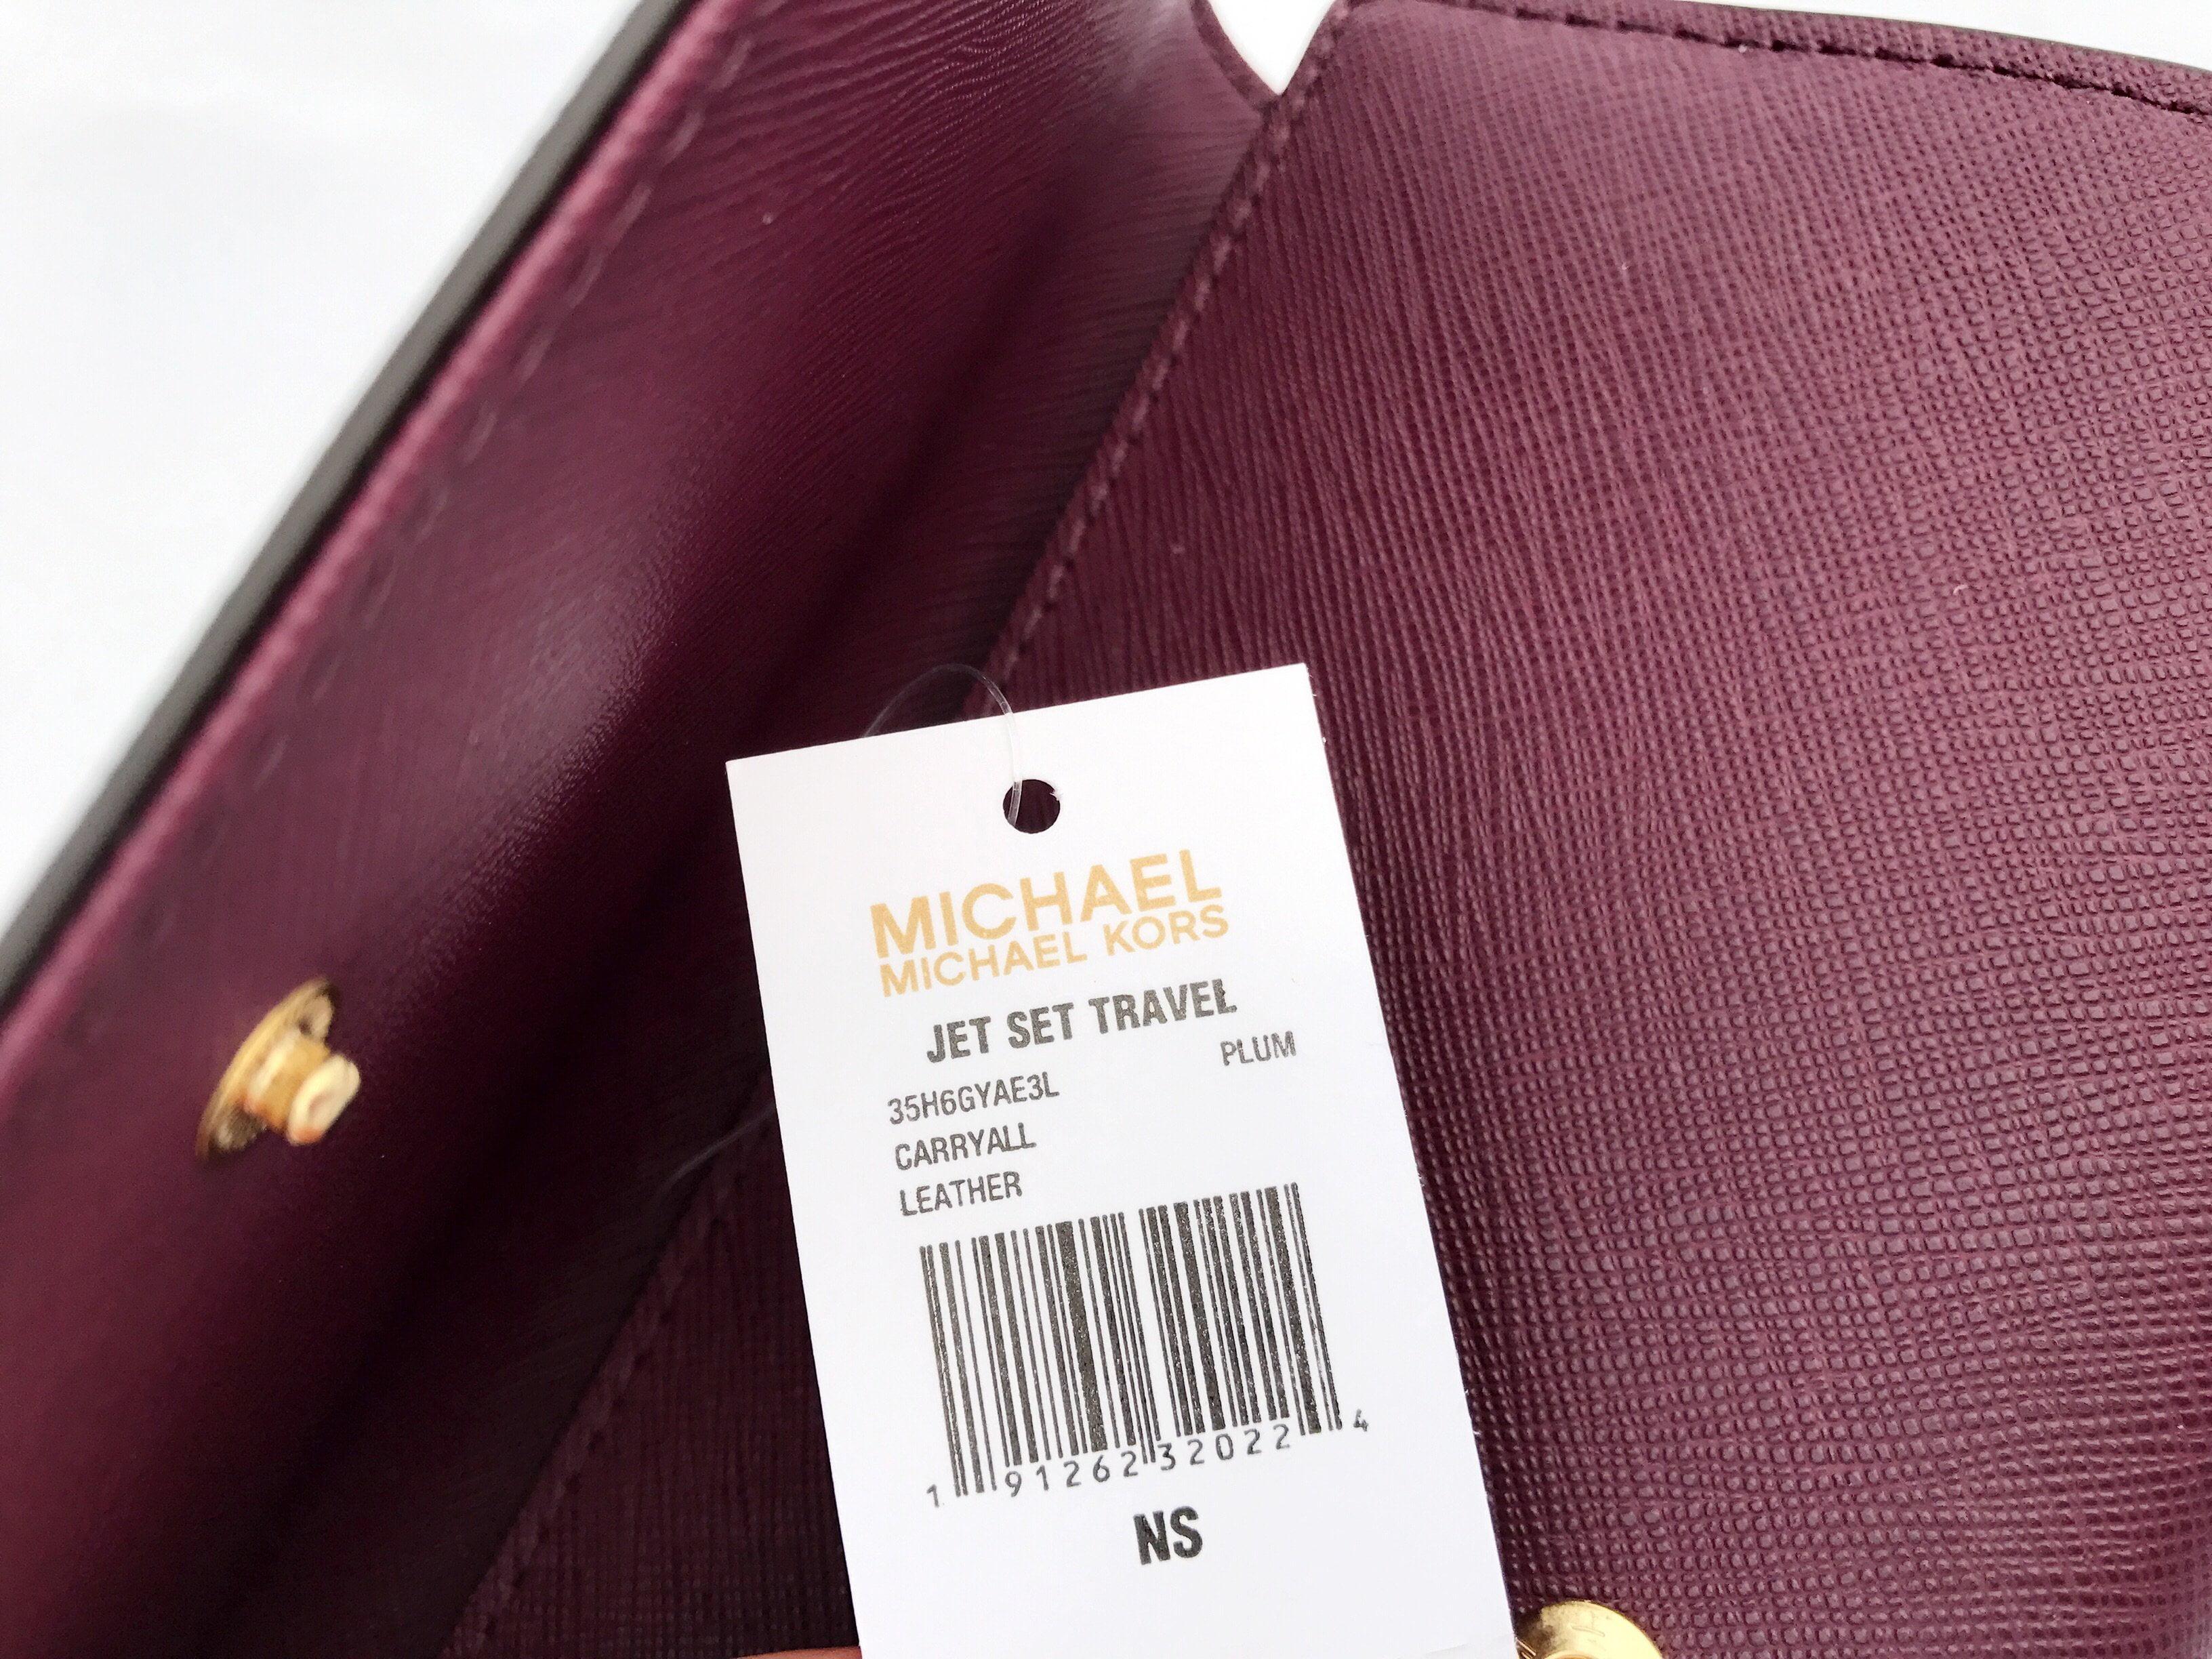 Michael Kors Jet Set Travel Wallet Saffiano Leather Jetset Plum Purple Large Clutch